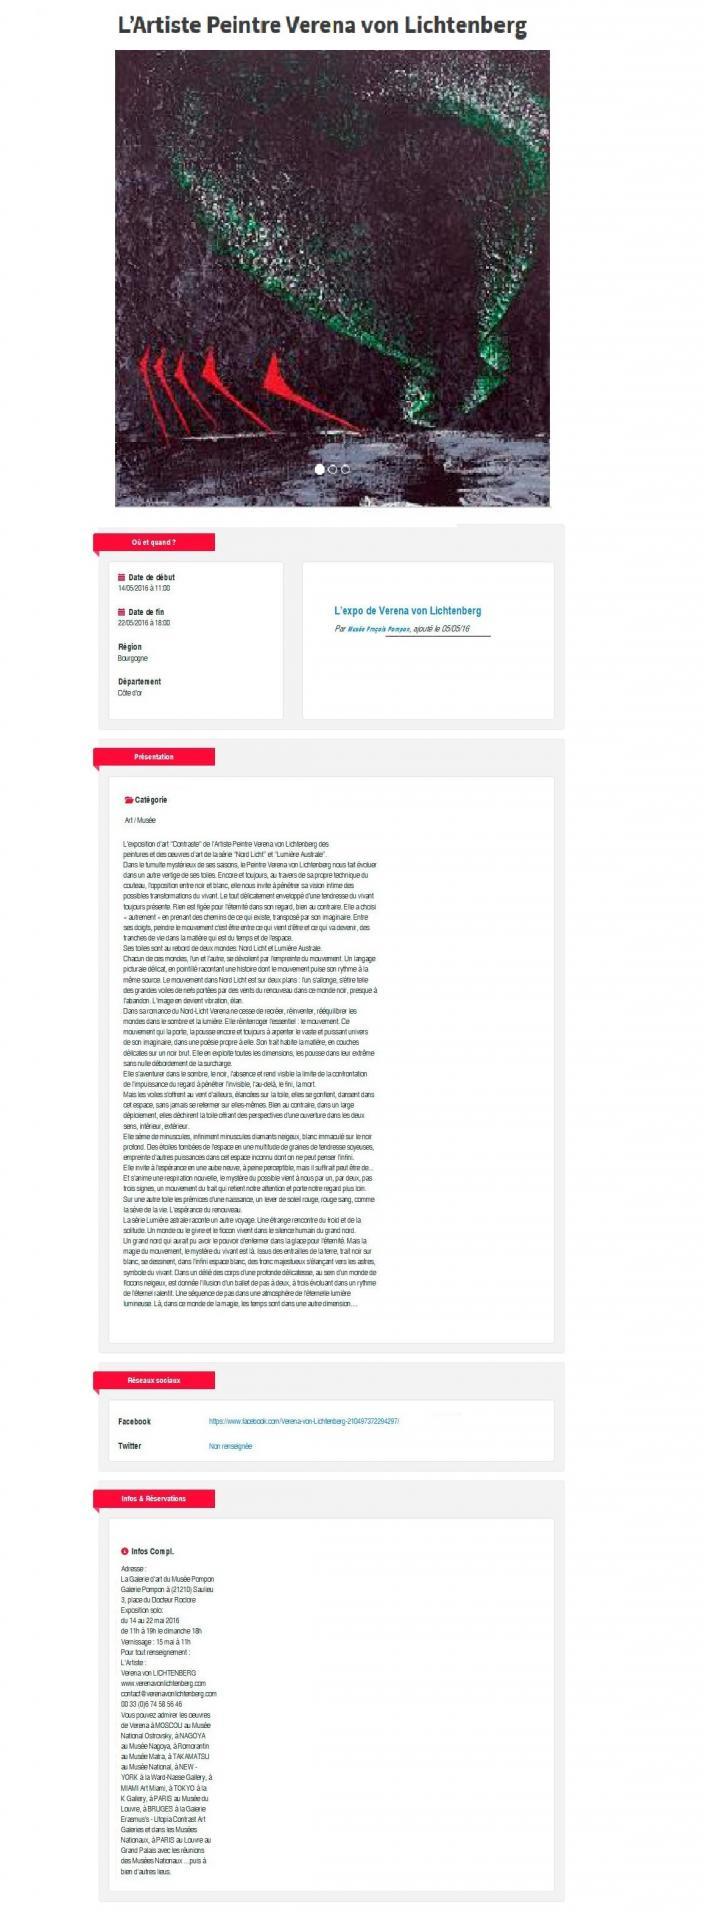 01 l artiste peintre verena von lichtenberg de paris et ses expositions d art dans les musees galeries dart des tableaux et oeuvres d art de la serie nl 1